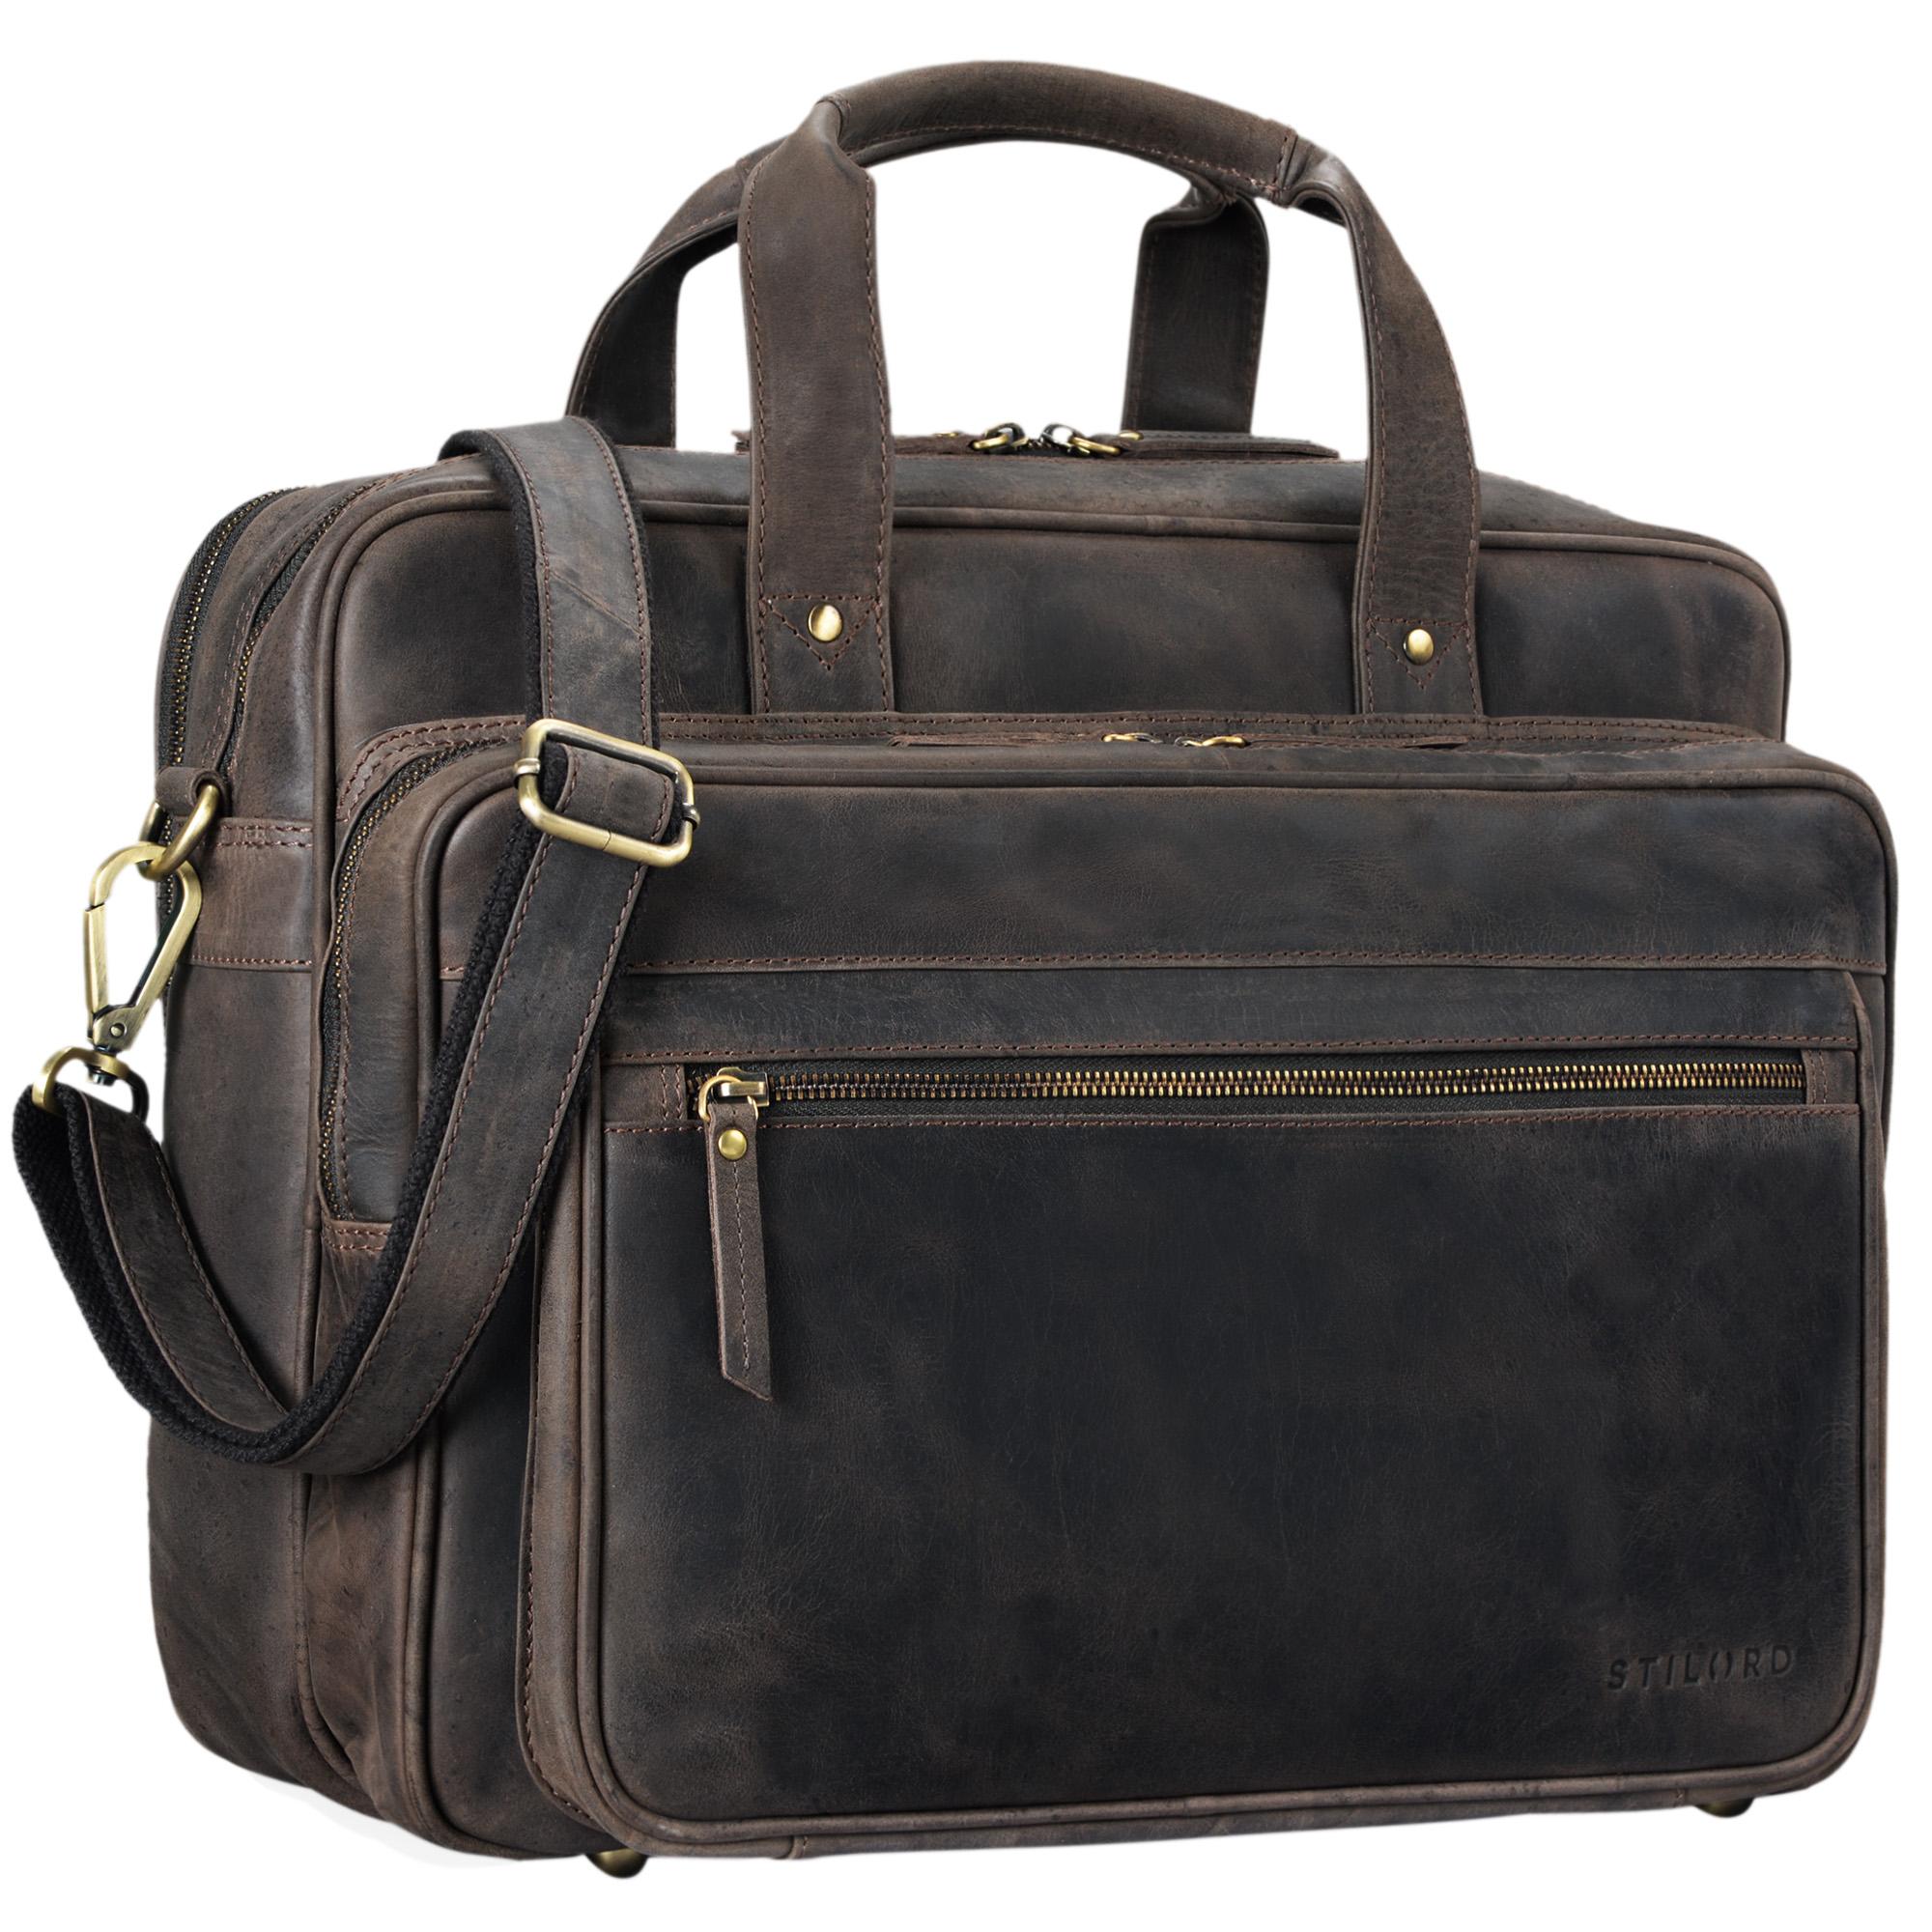 """STILORD """"Walt"""" Vintage Aktentasche Leder Herren Damen Lehrertasche XL groß Büro Business Umhängetasche für 15,6 Zoll Laptop Echt Leder  - Bild 20"""